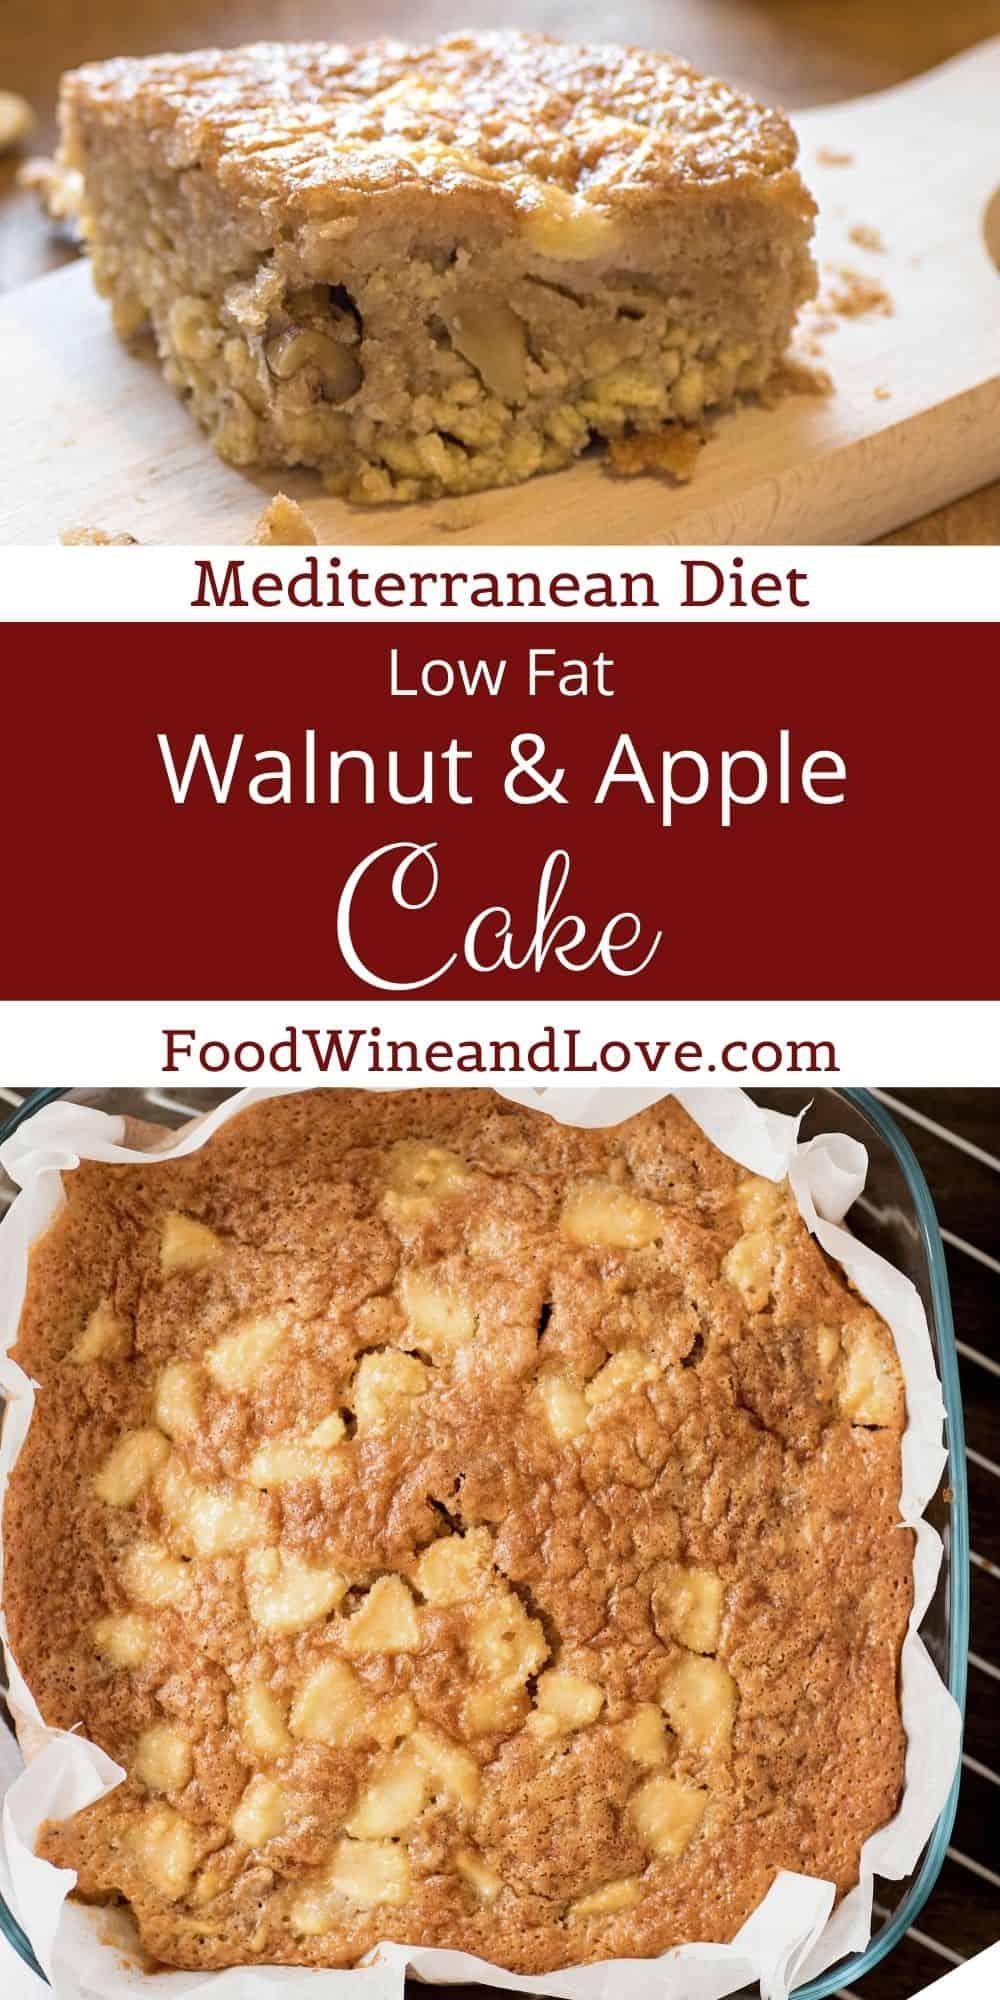 Mediterranean Diet Apple and Walnut Cake